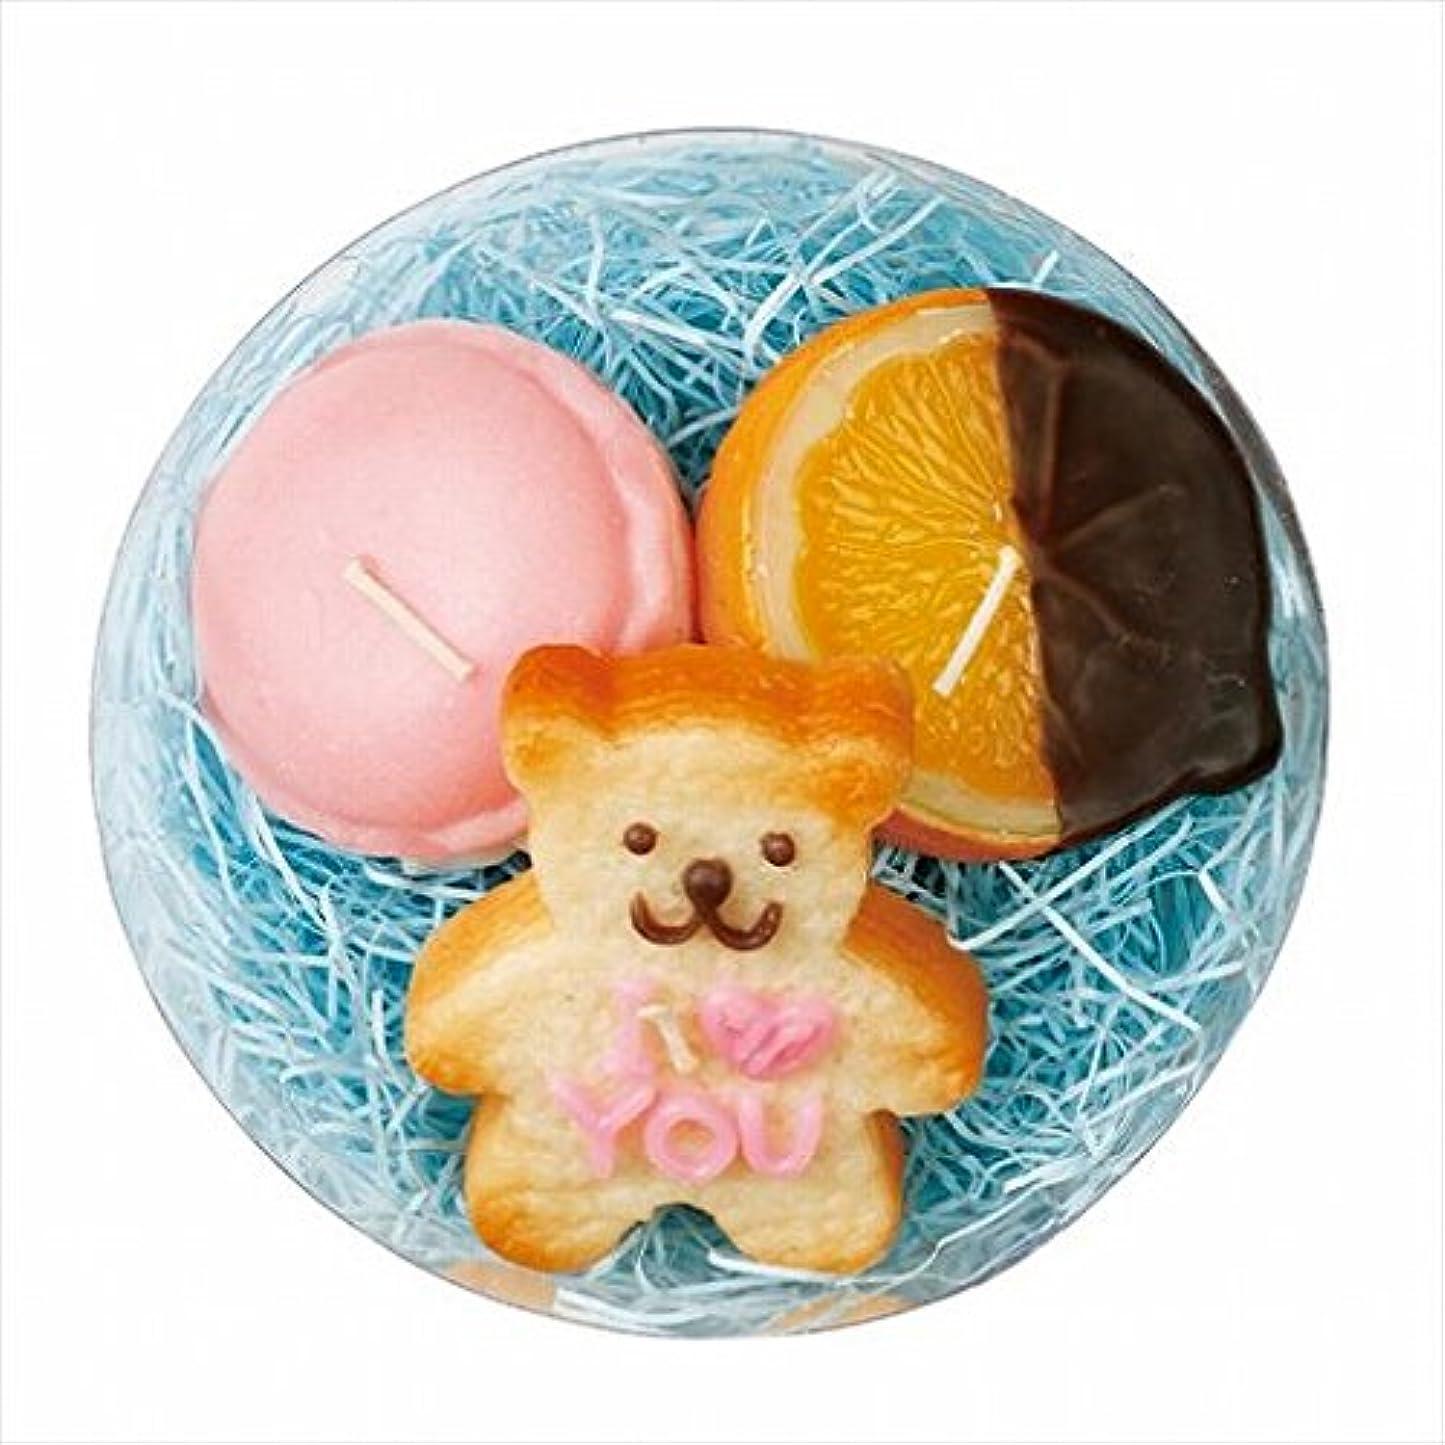 地味な無条件浴室スイーツキャンドル(sweets candle) プチスイーツキャンドルセット 「 バニラベア 」